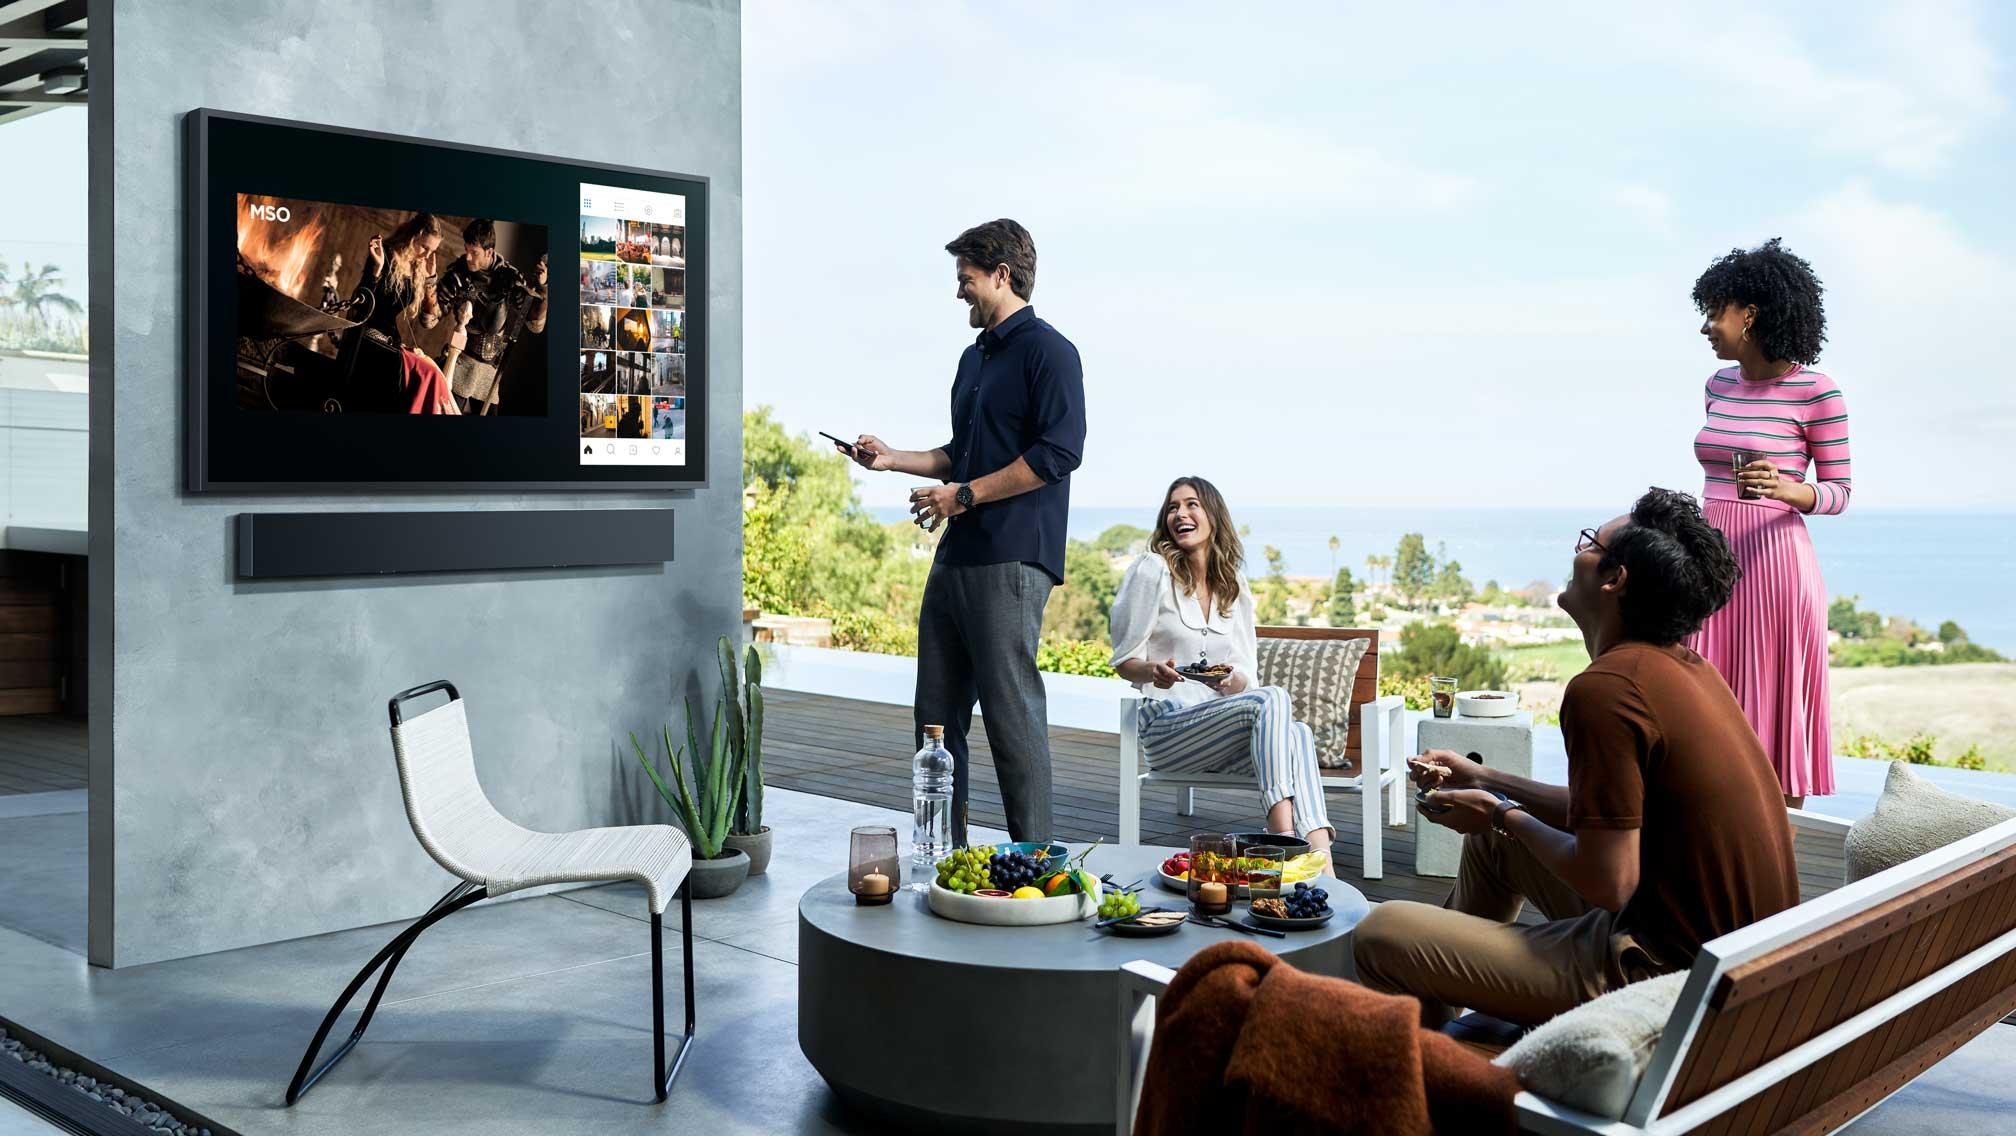 Samsung, 2.000 nit dış mekan QLED TV'si ile doğanın tadını çıkarmanızı sağlıyor | Engadget